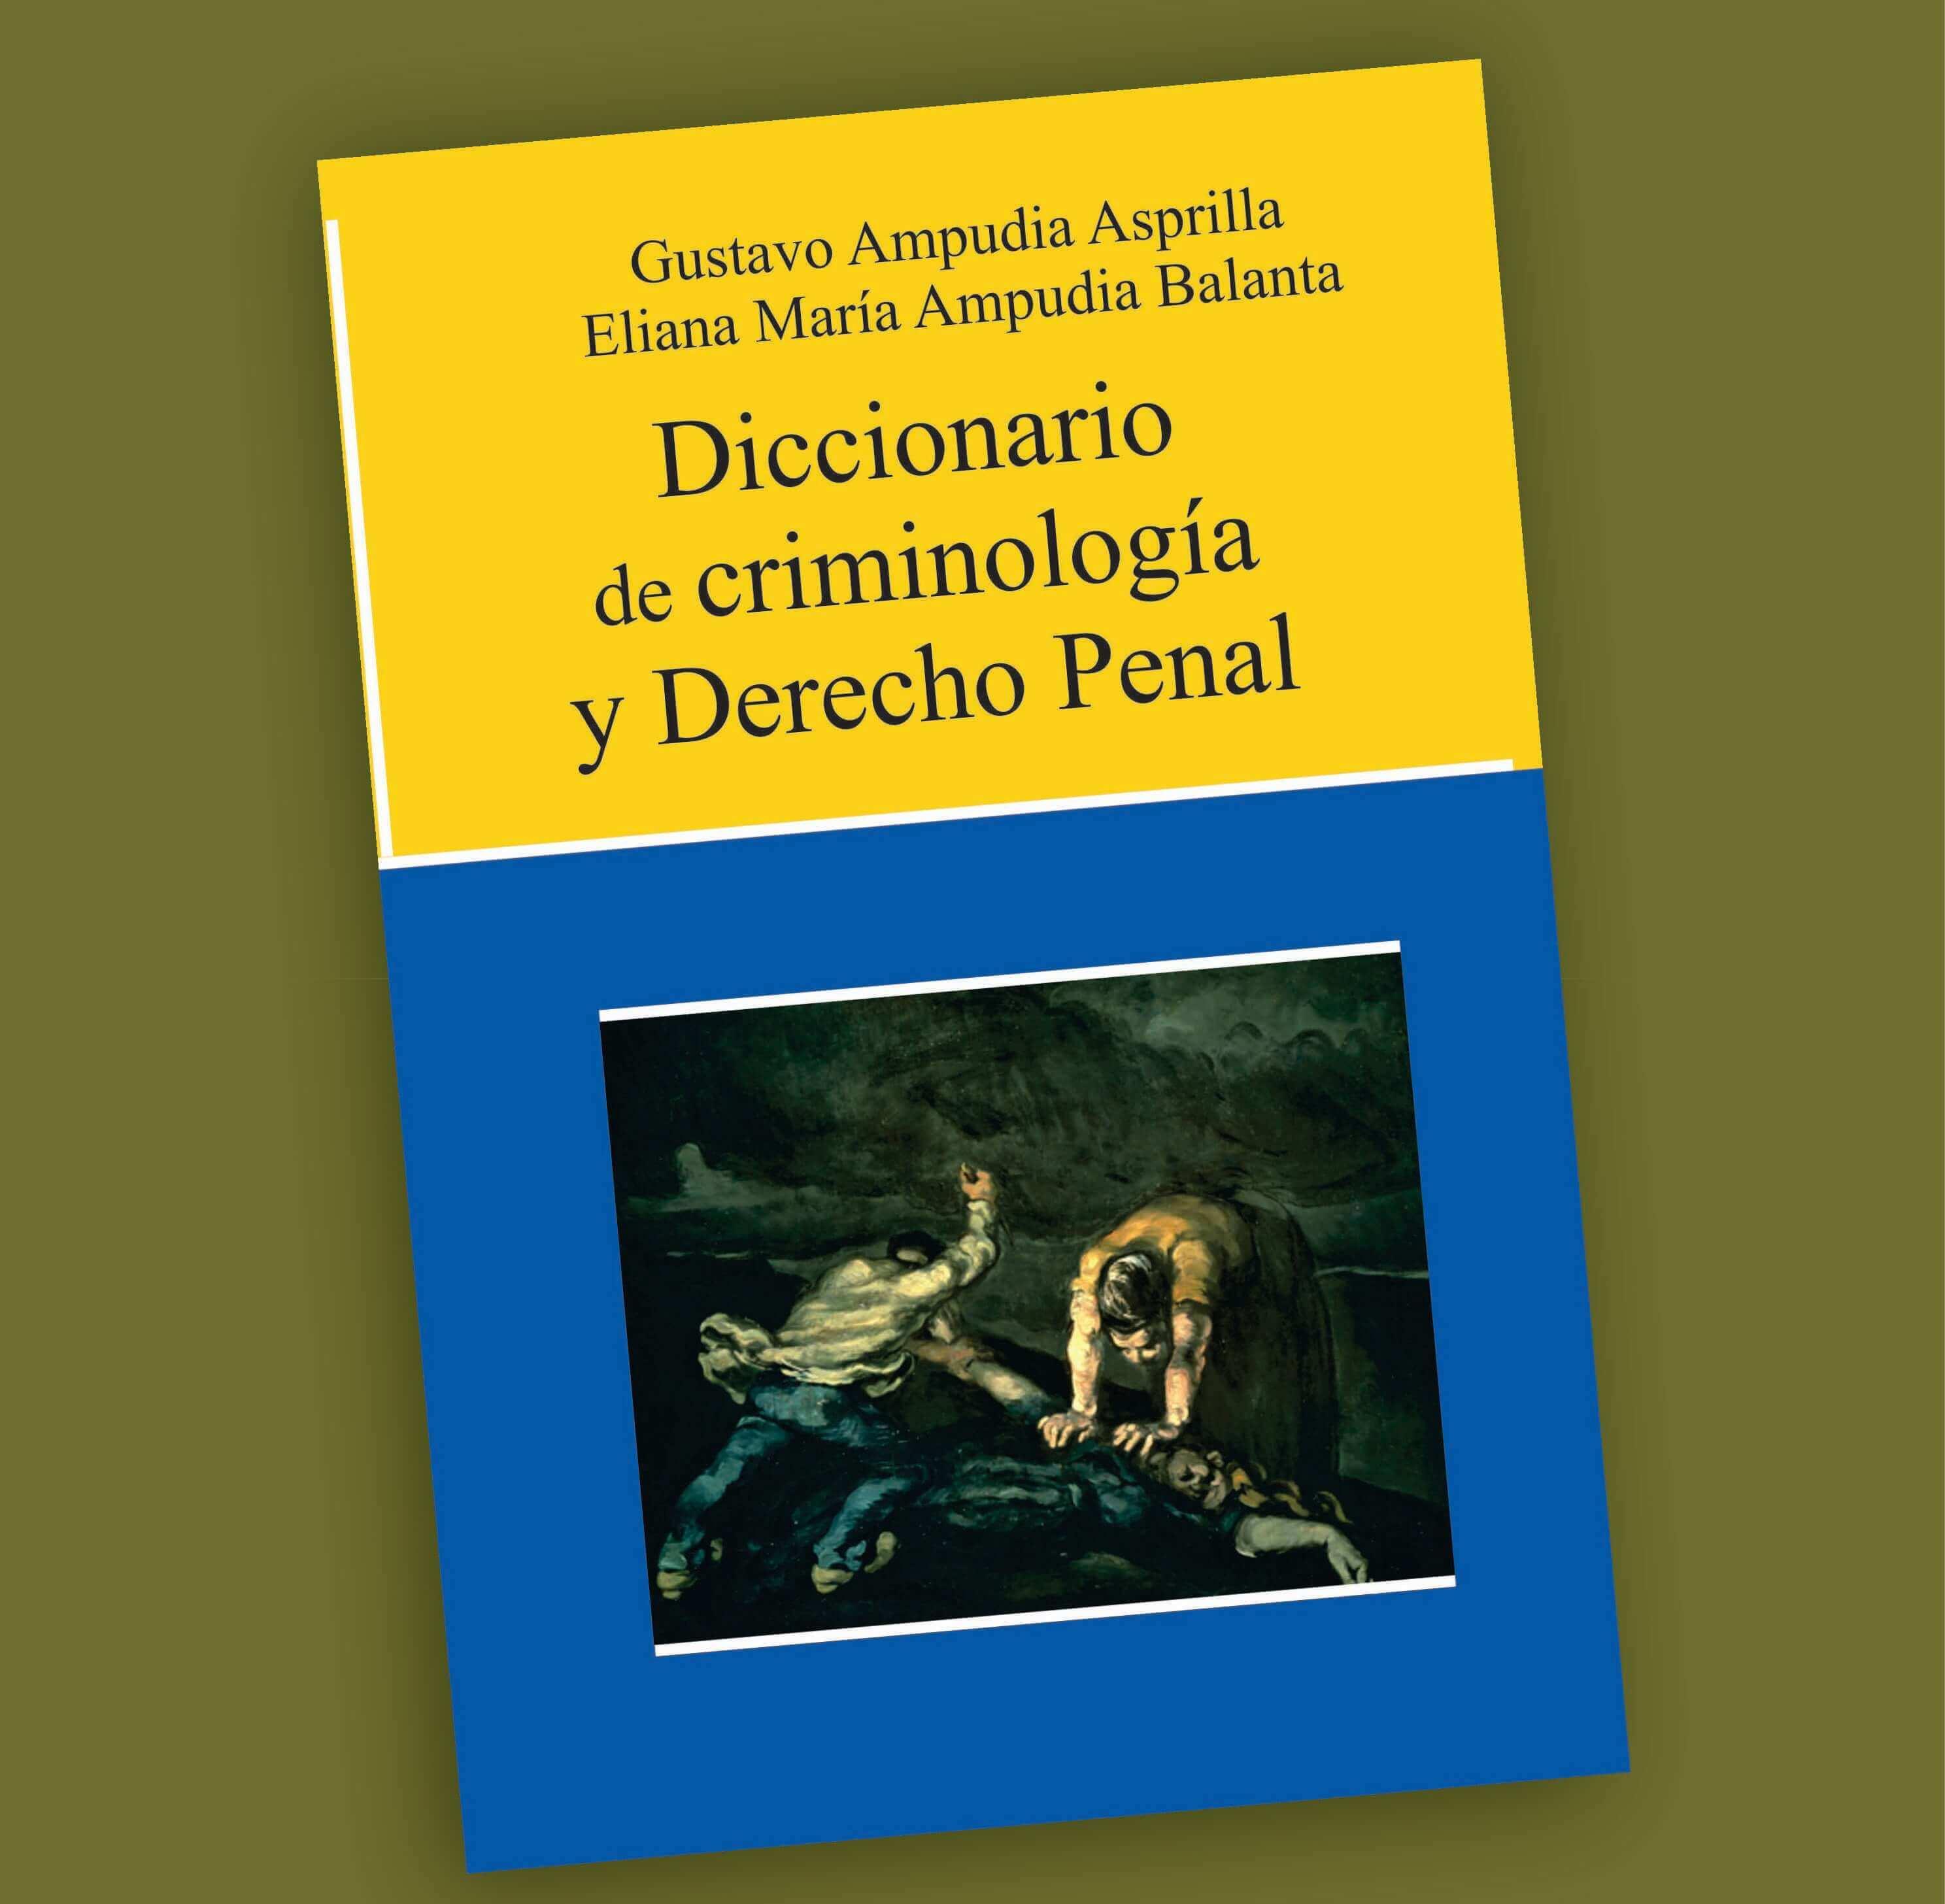 Diccionario de Criminología y Derecho Penal-Gustavo Ampudia Asprilla